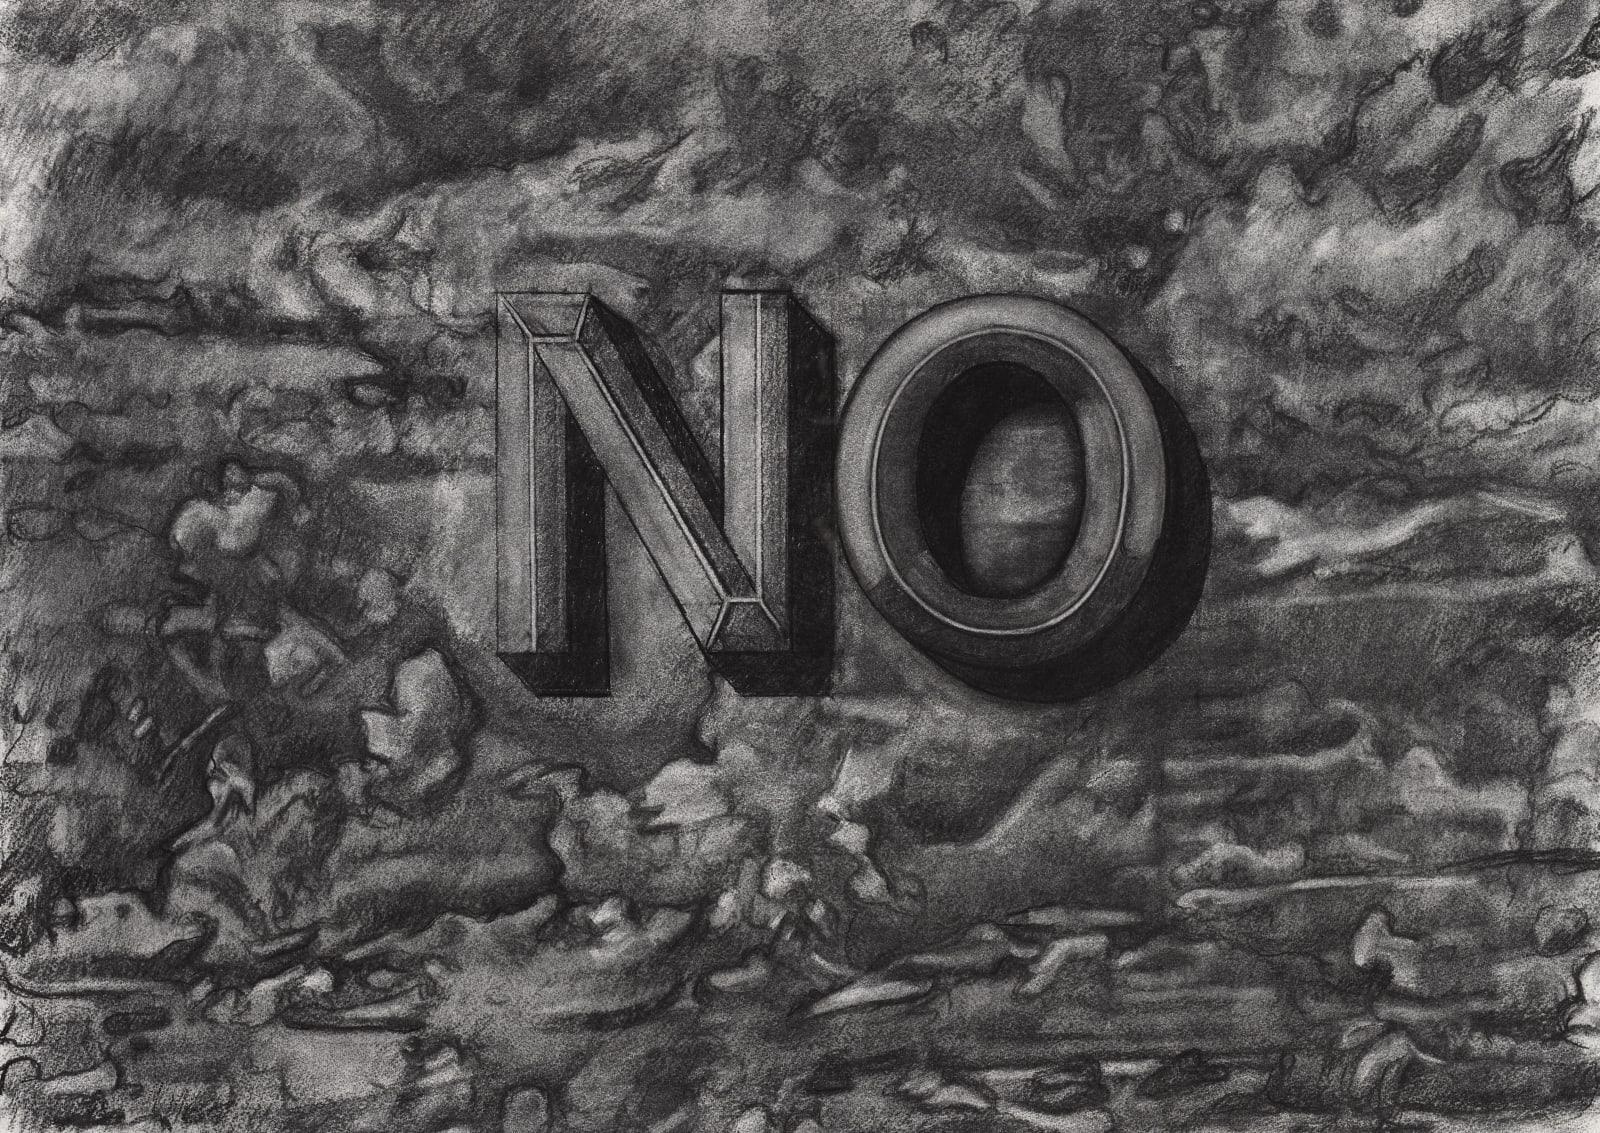 Gary Coyle, No, 2019